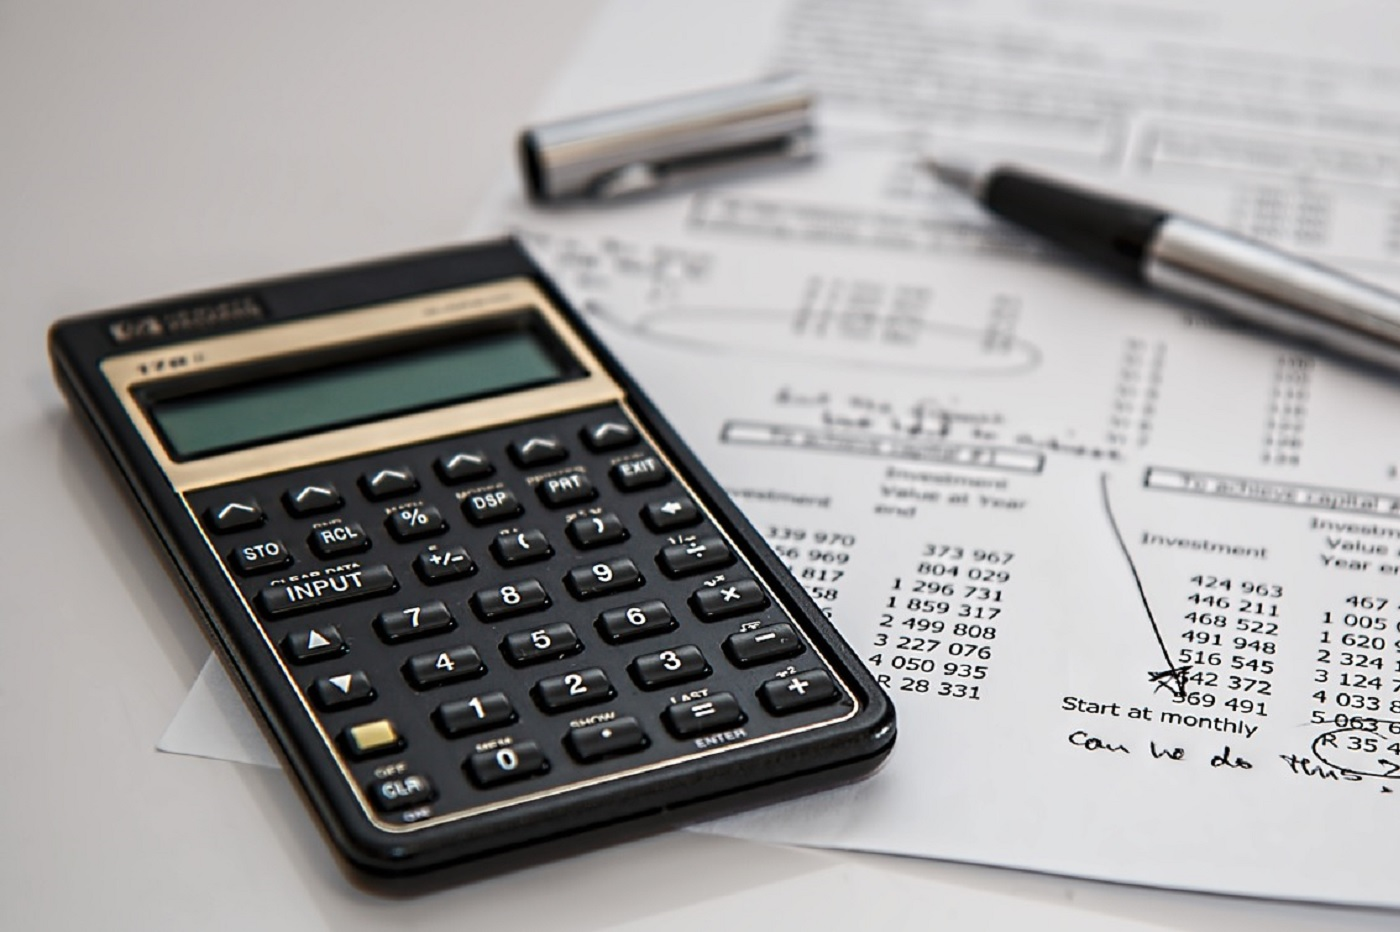 Un tableau, comptabilité, calculatrice, comptes, gestion